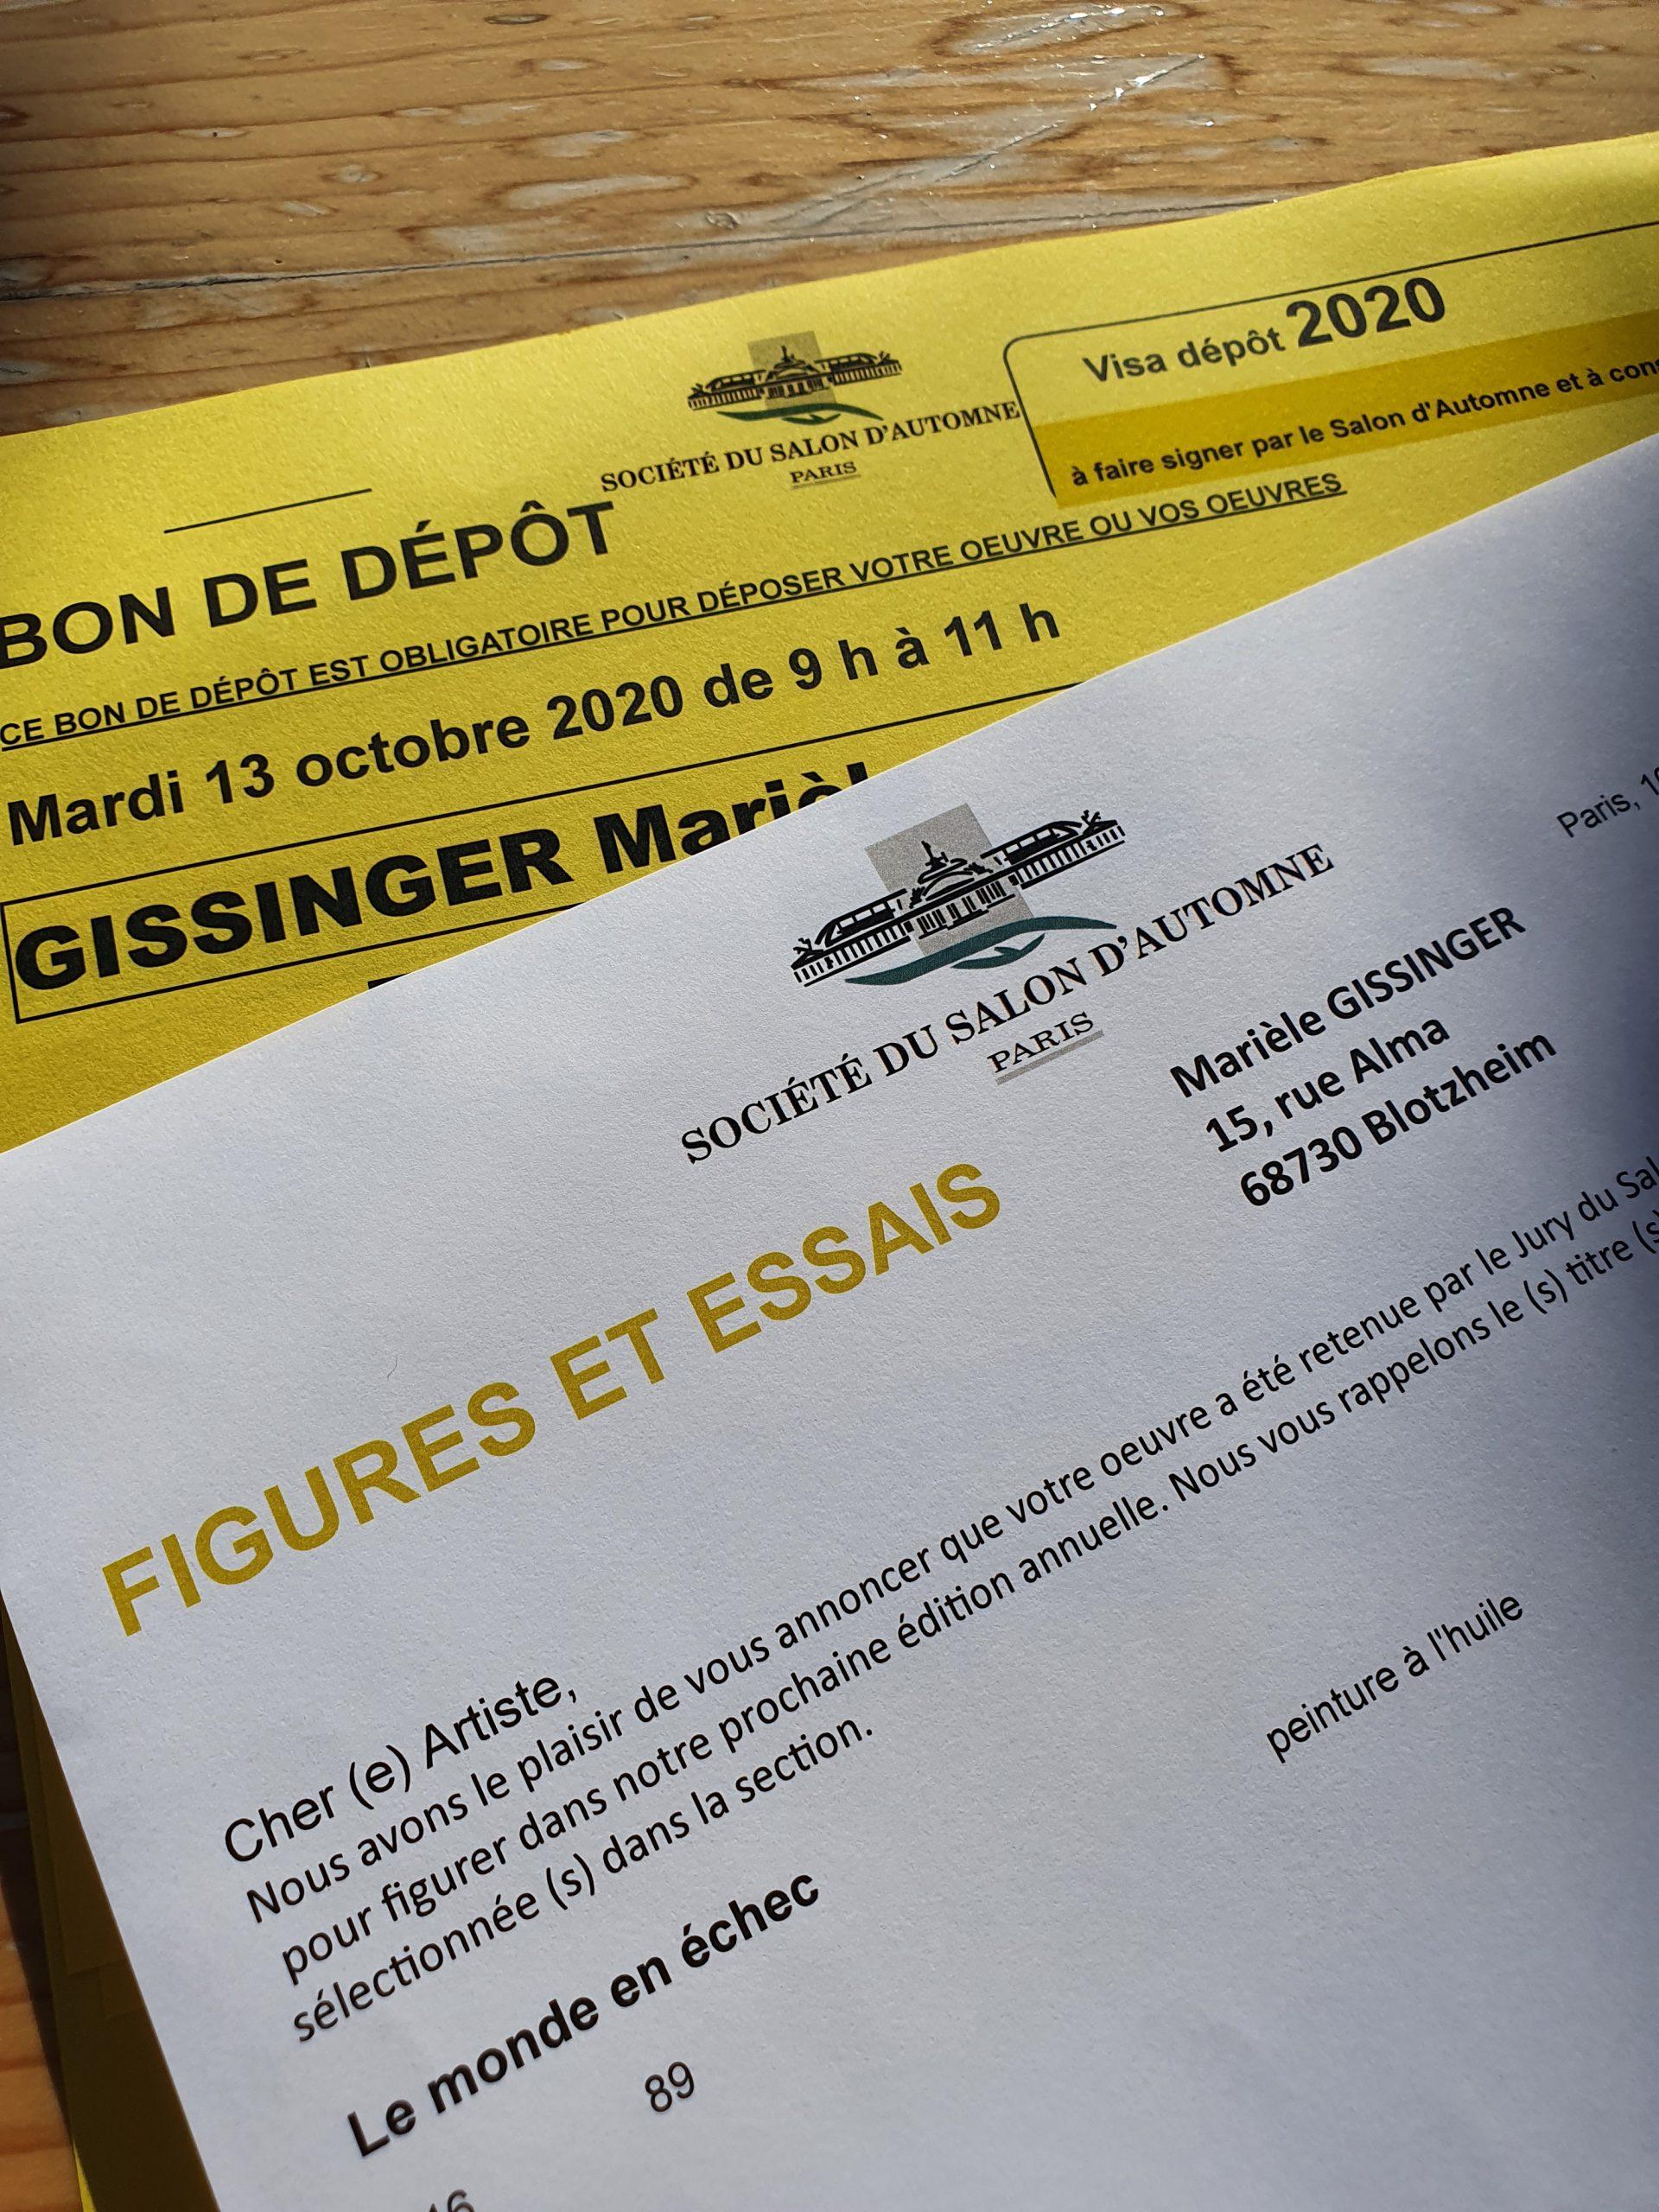 Gissinger-Mariele-Peinture-huile-Peinte-Artiste-Art-gm-Alsace-France – Le-Monde – salon automne - Paris